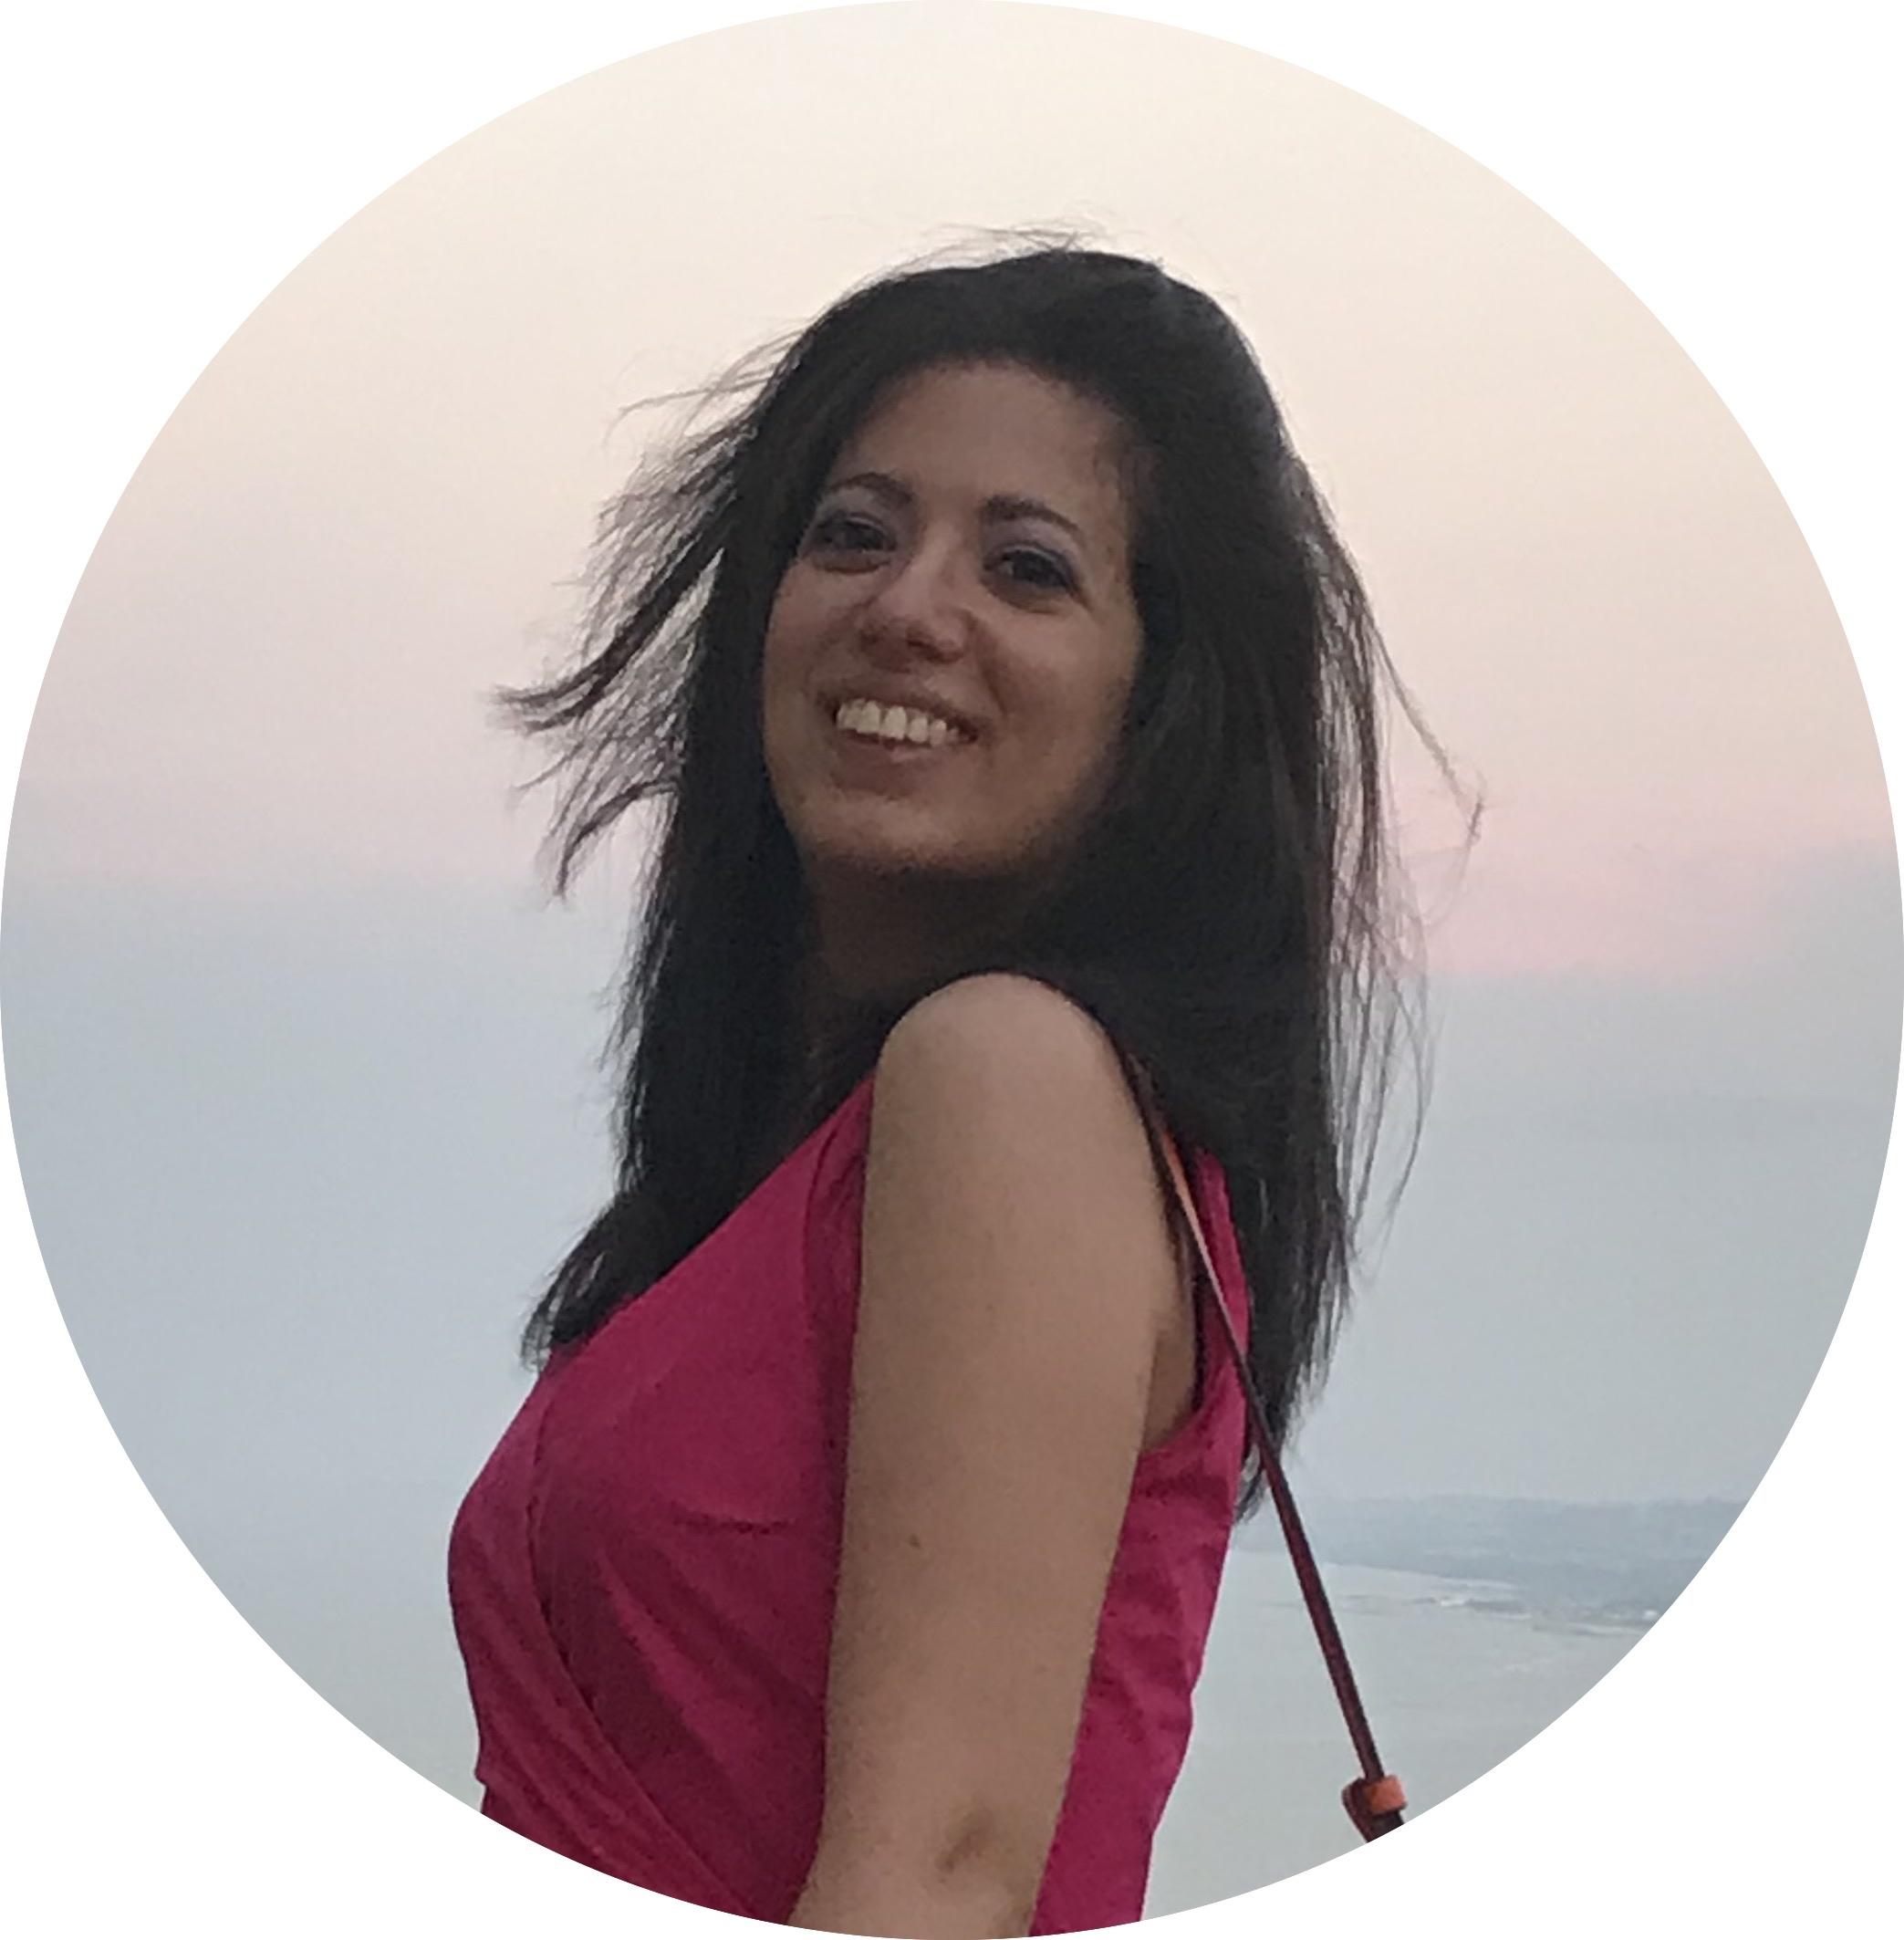 Chiara Perrina